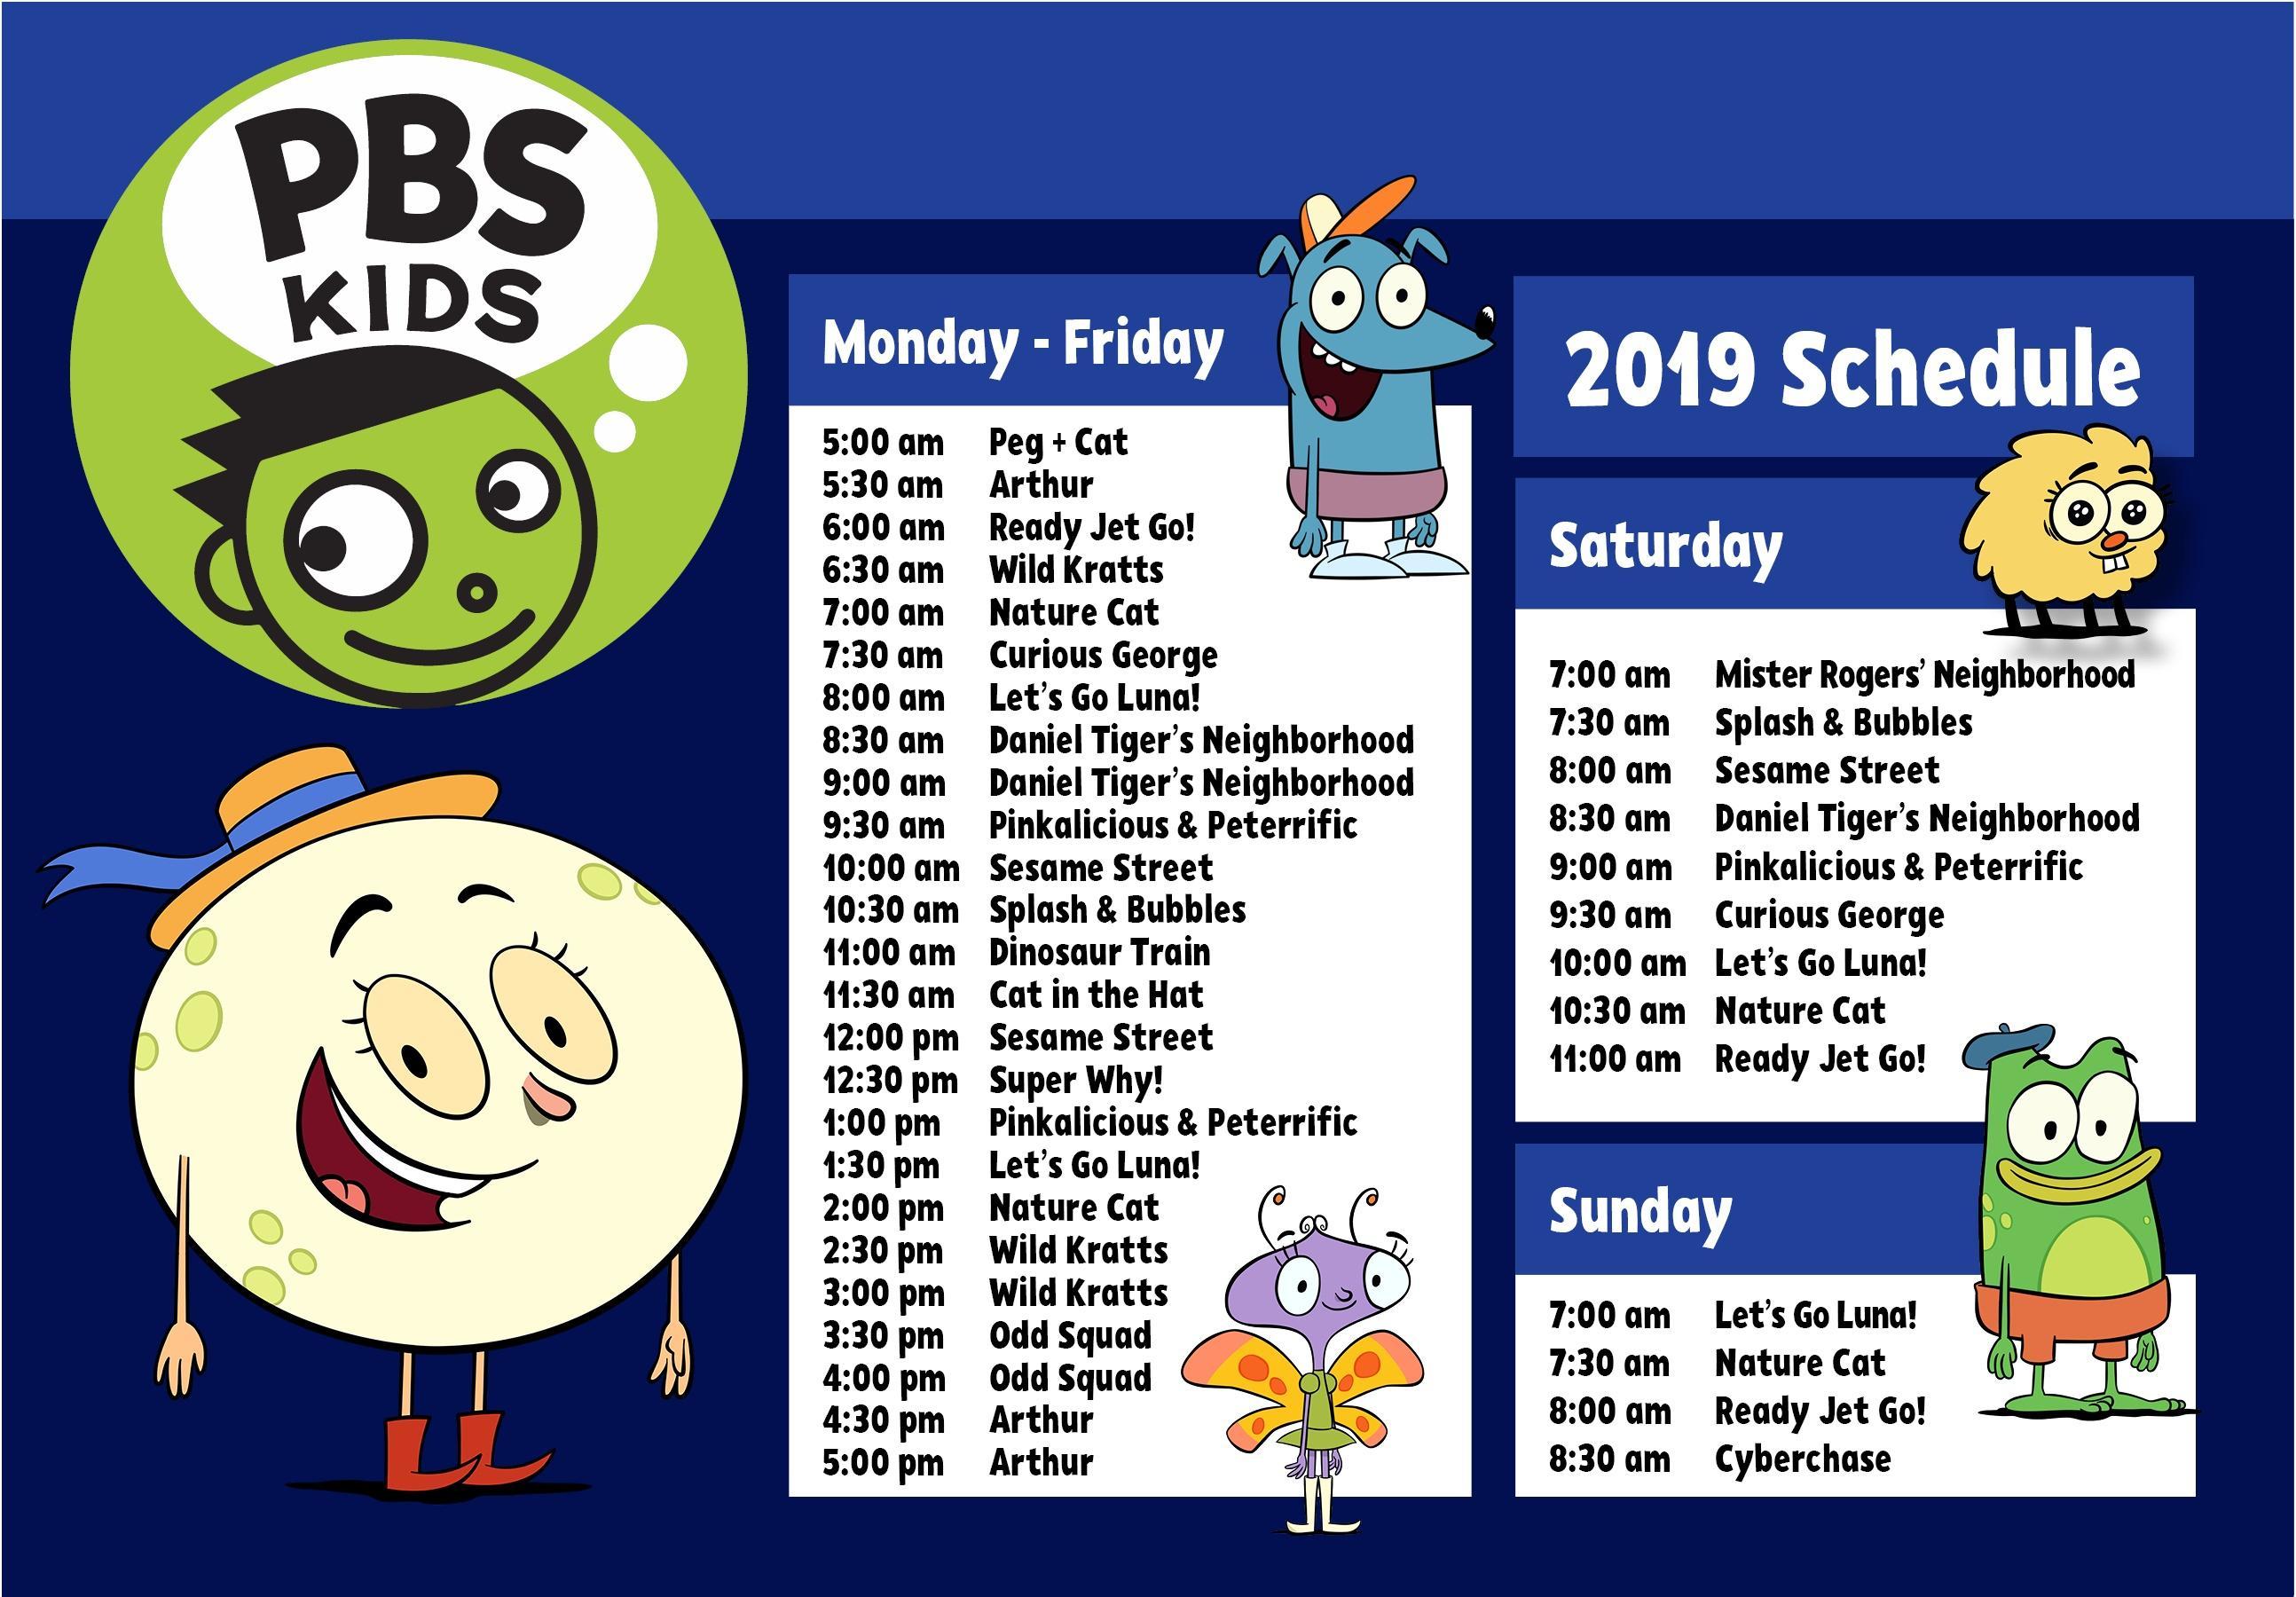 Pbs Schedule 2019 Kids Schedule